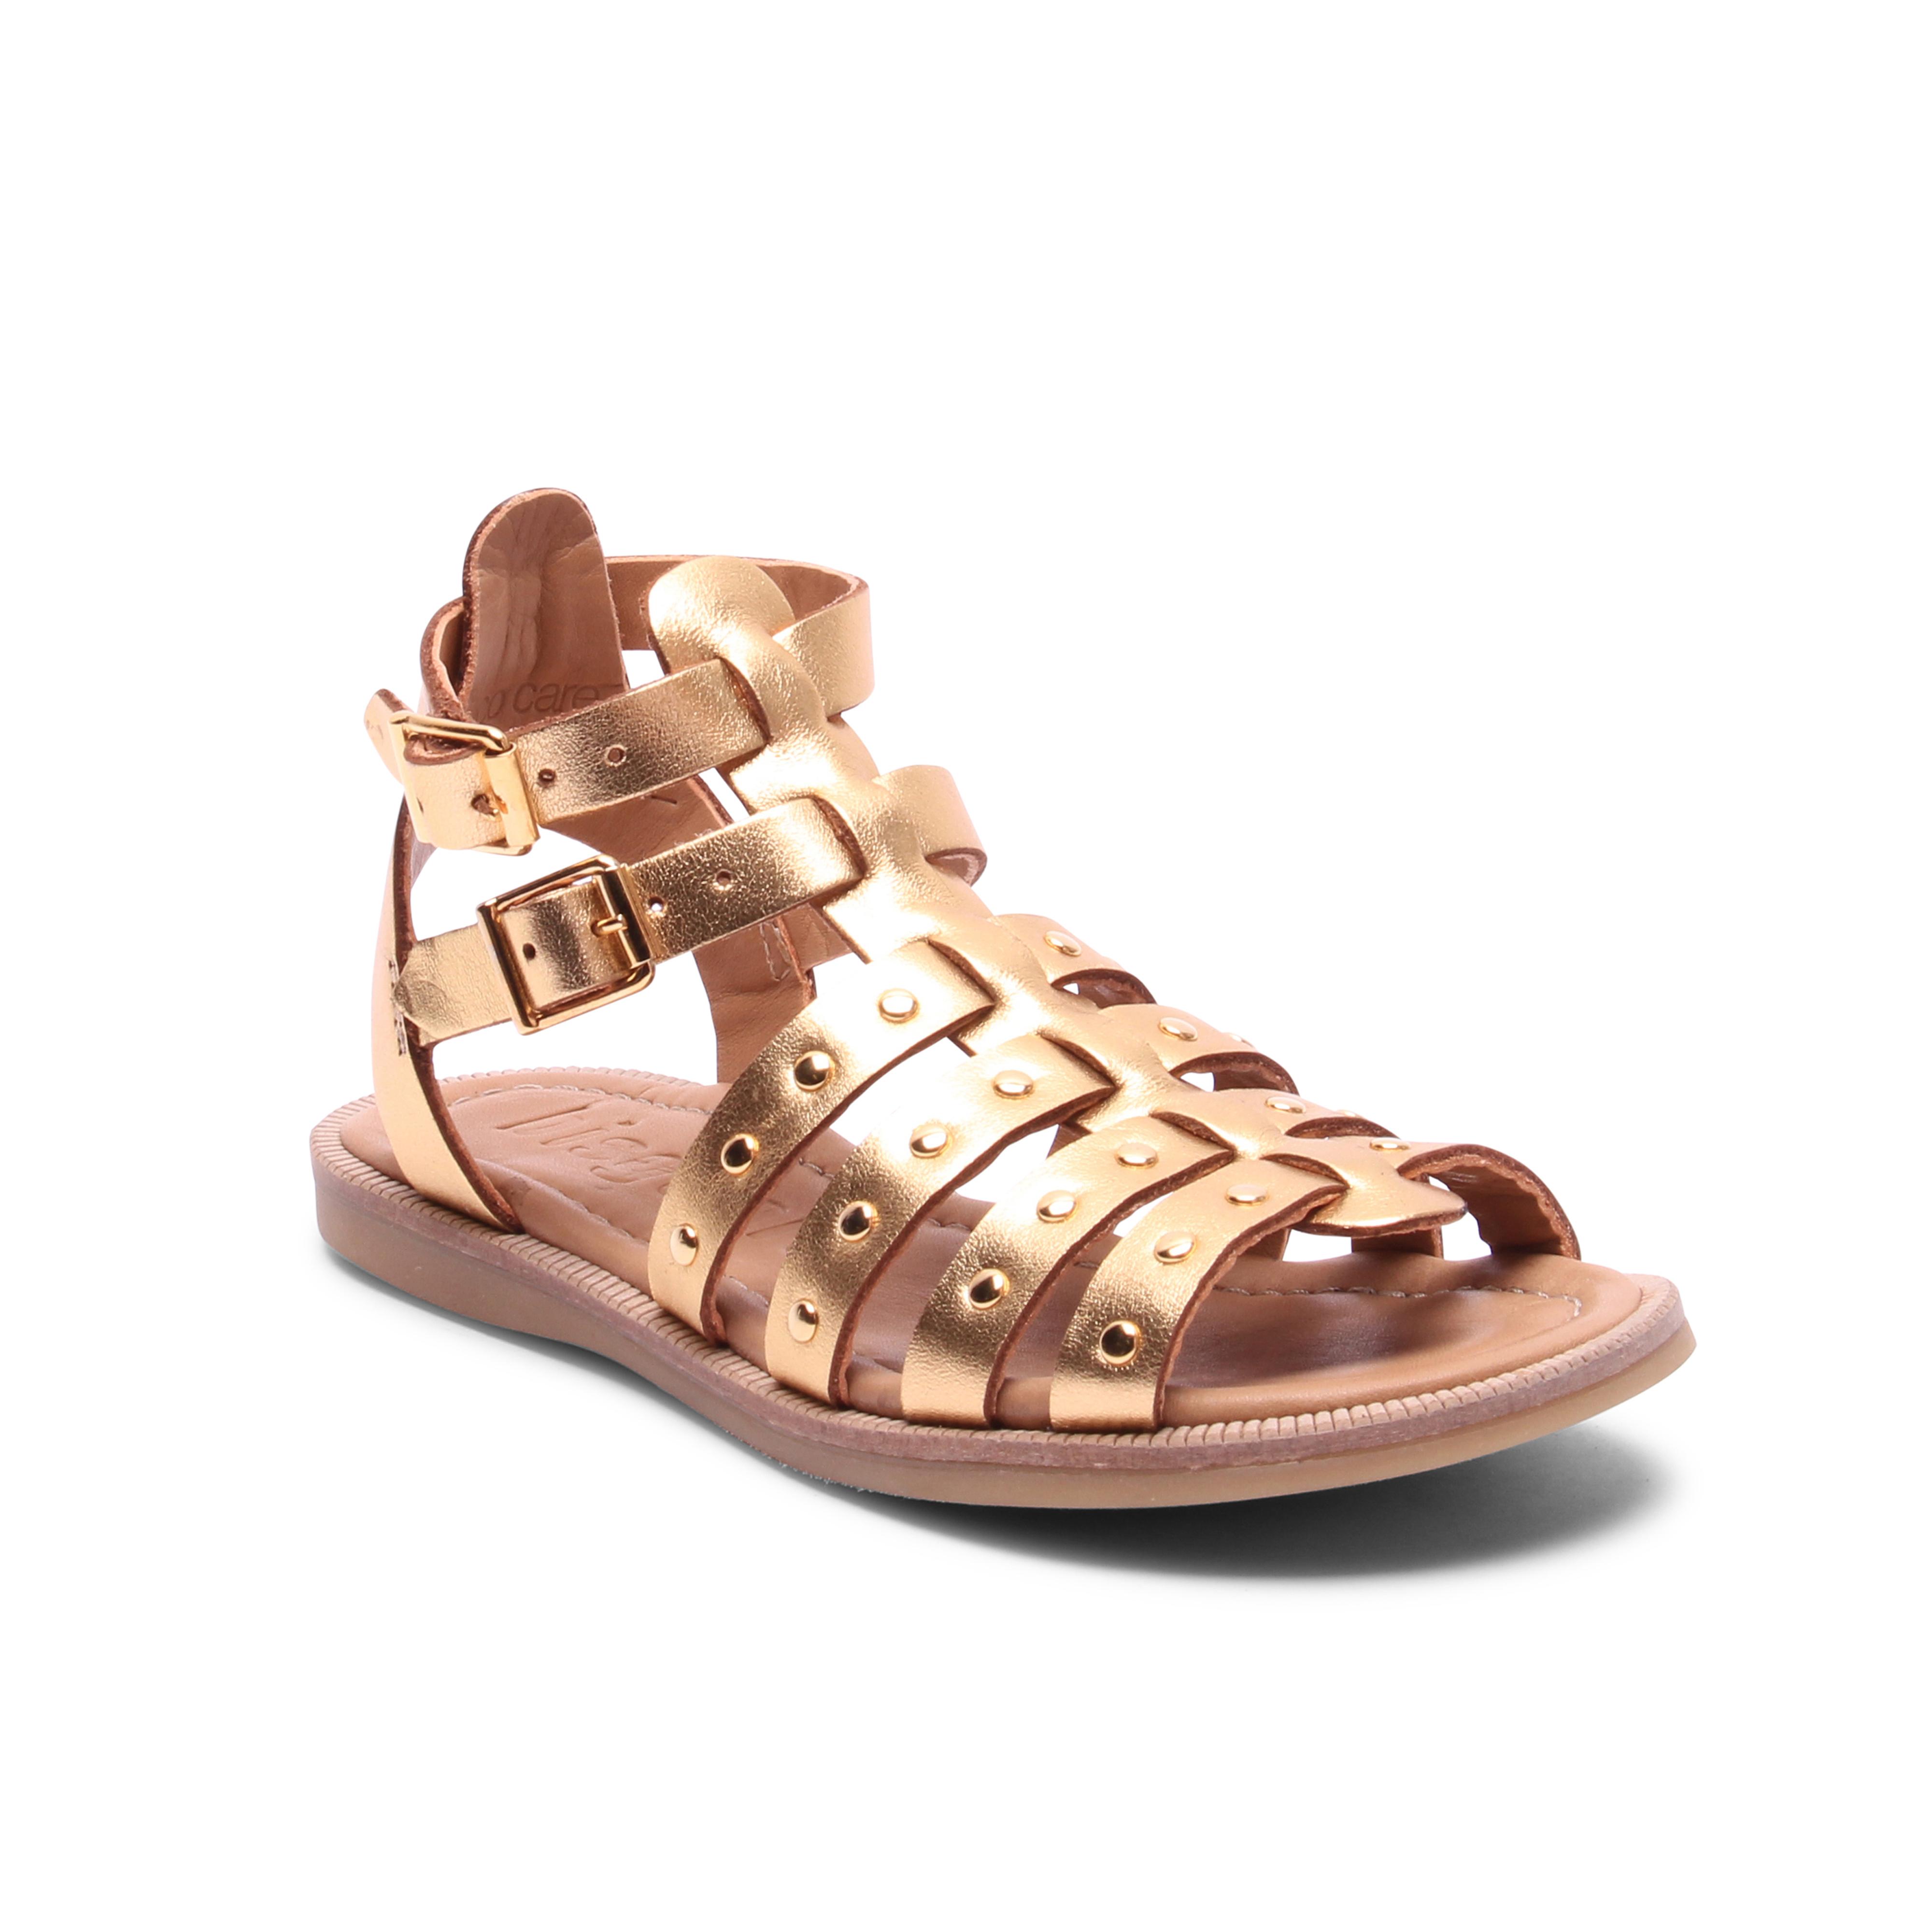 Bisgaard 70268 sandal, gold, 36